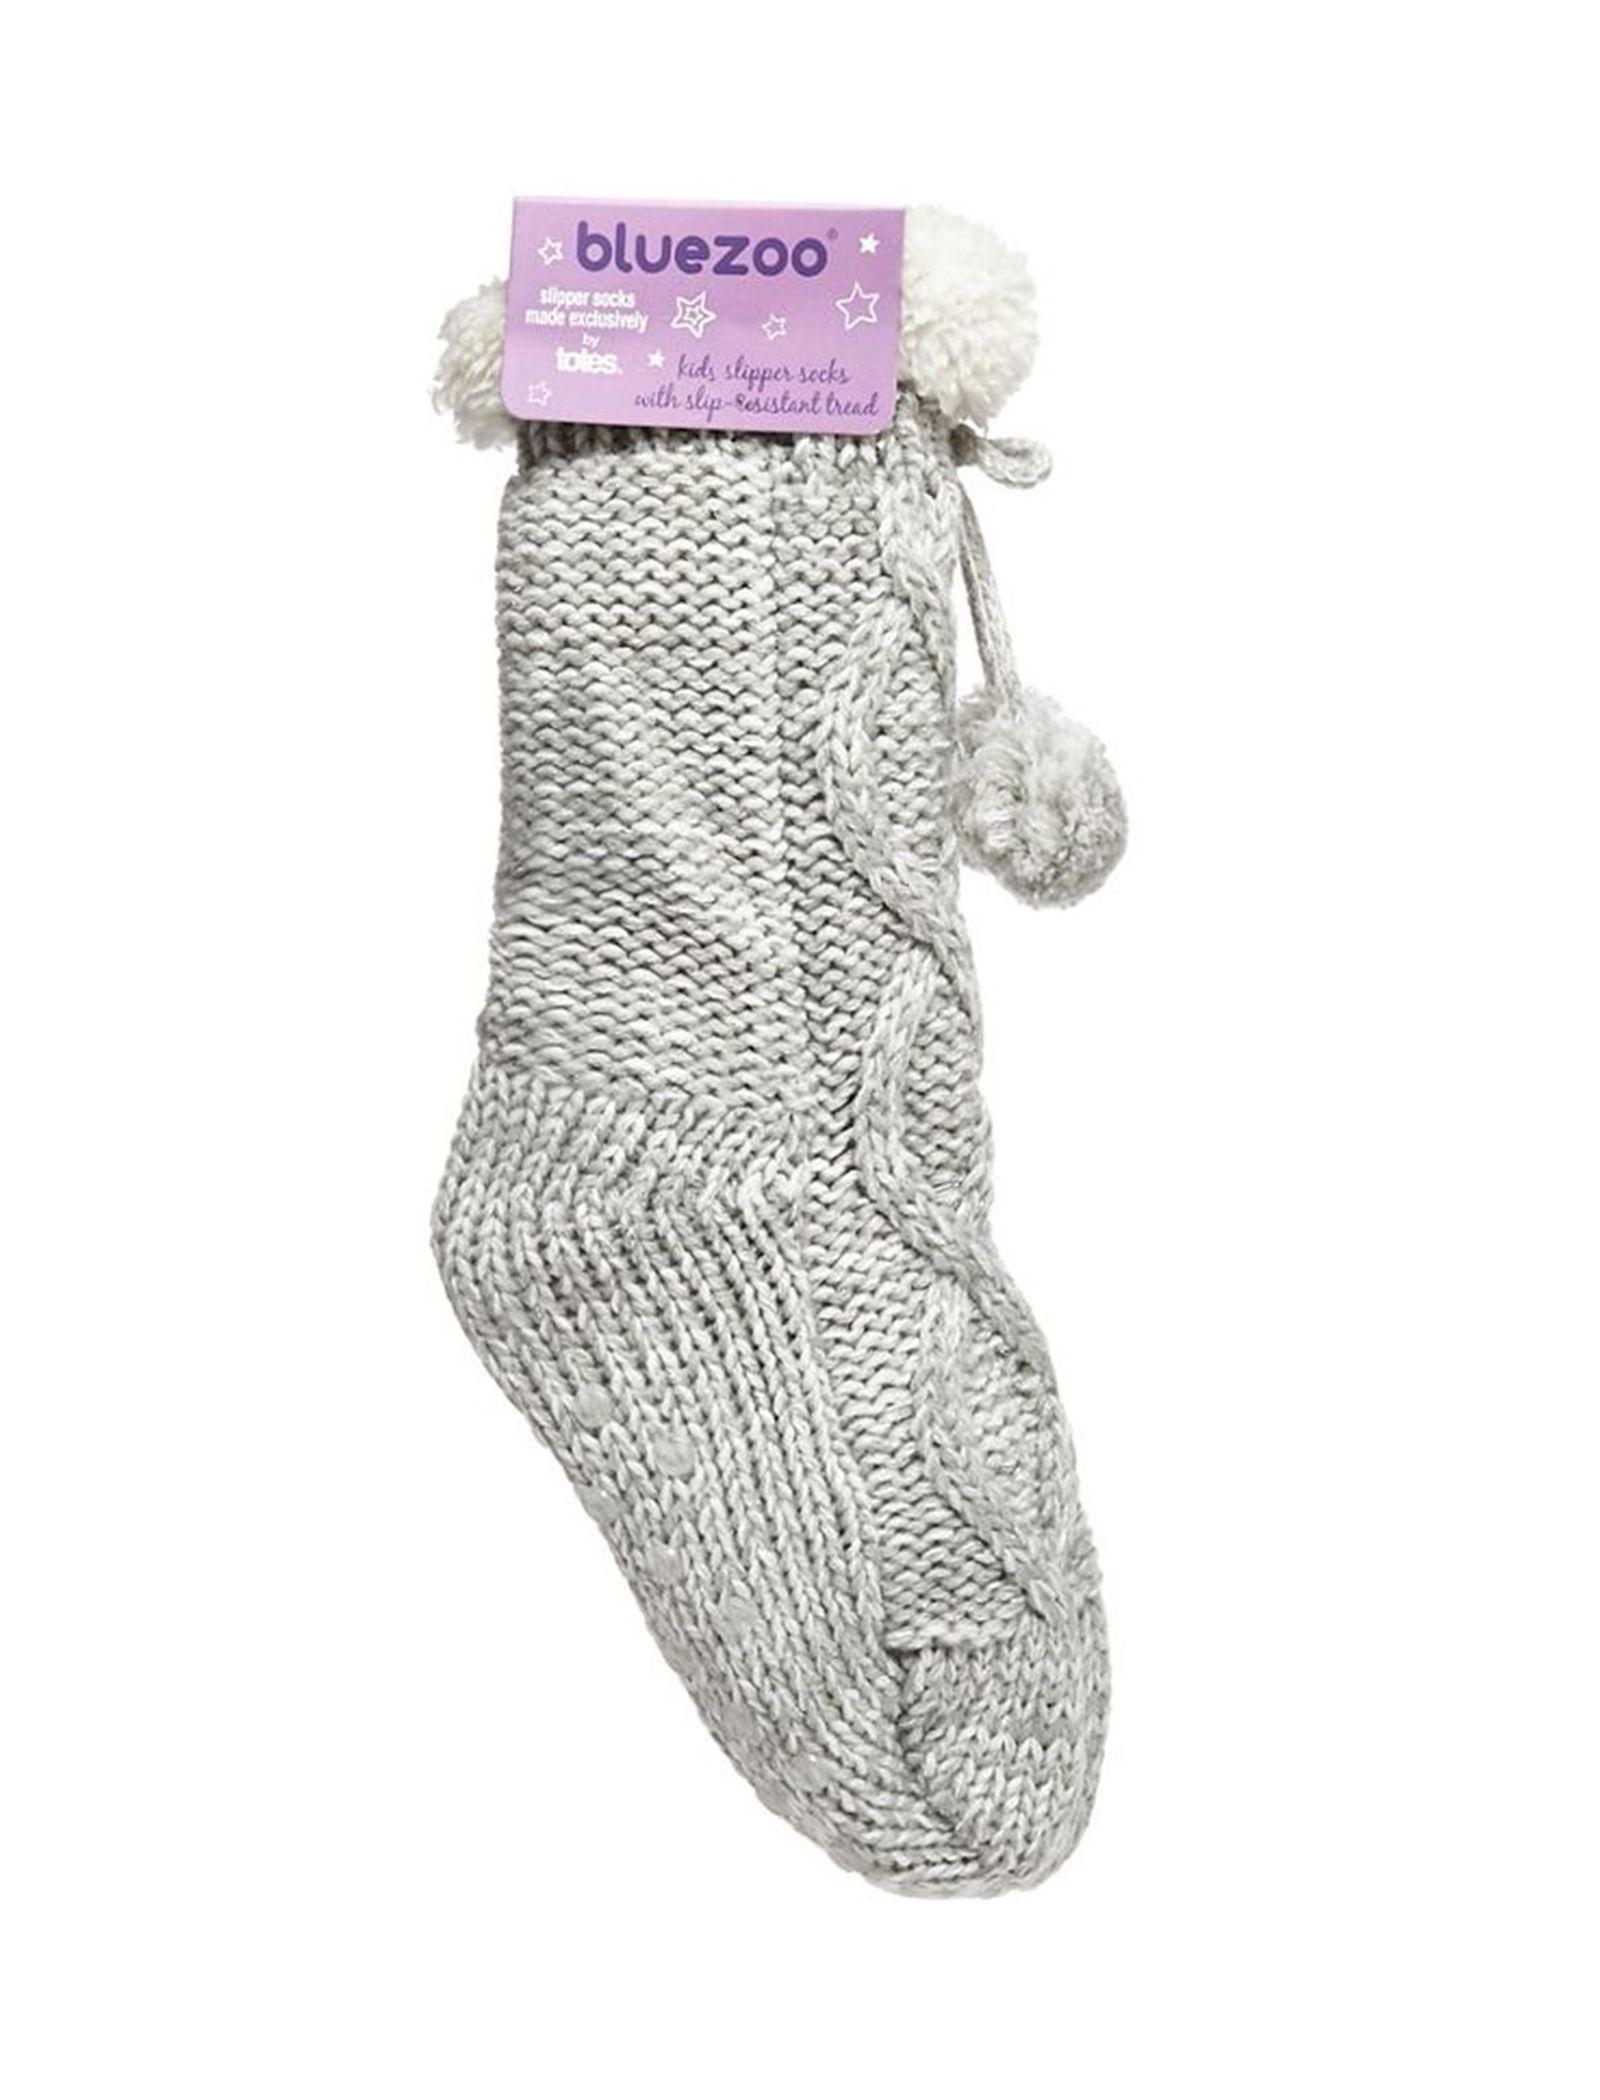 جوراب طرح دار دخترانه - بلوزو - طوسي - 2